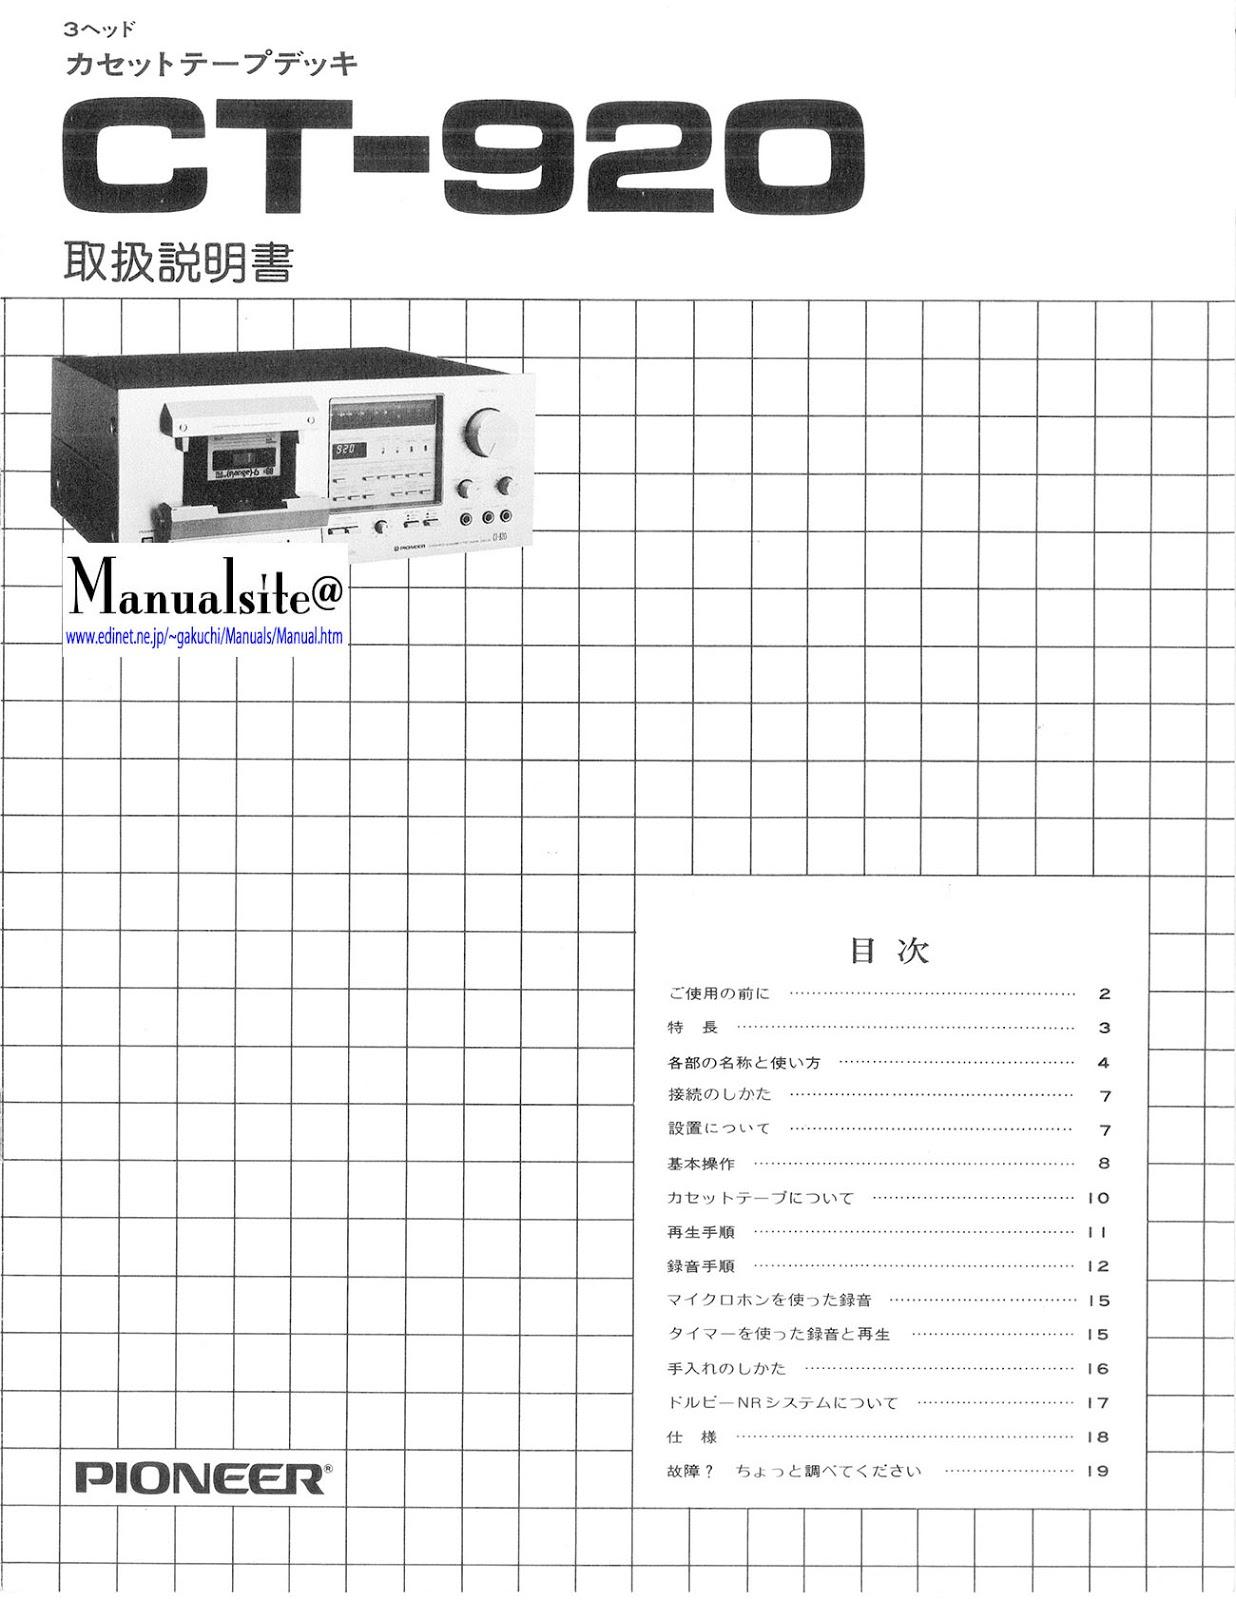 マニュアルサイト詳細館: CT-920